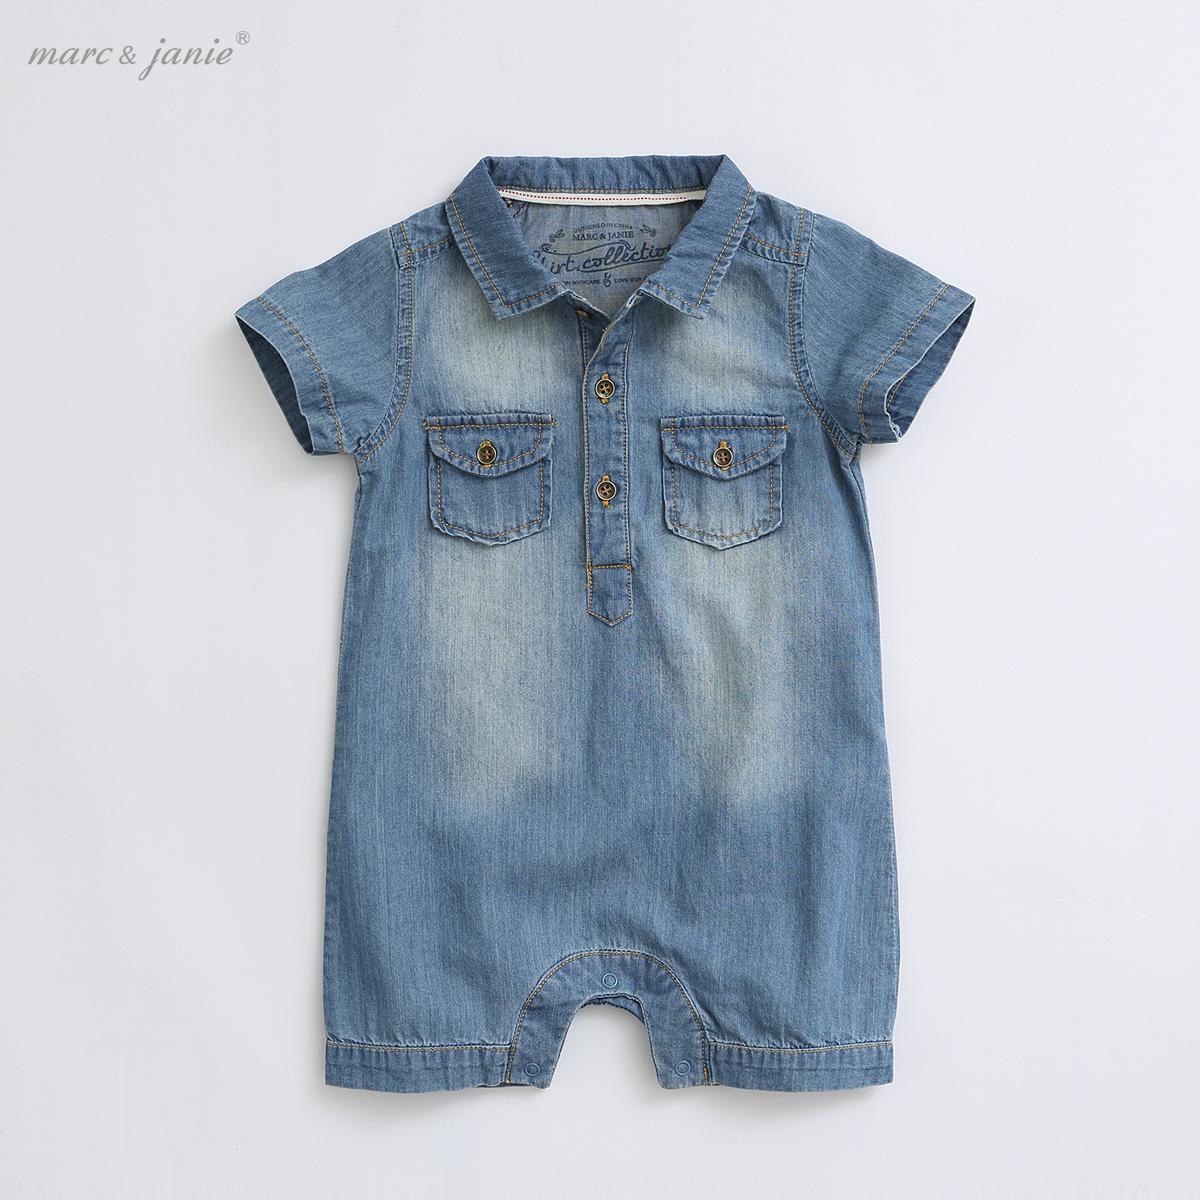 Makezhenni Детская одежда мягкой джинсовой ткани младенца один кусок младенца romper одежда хлопок детское платье MJ13099